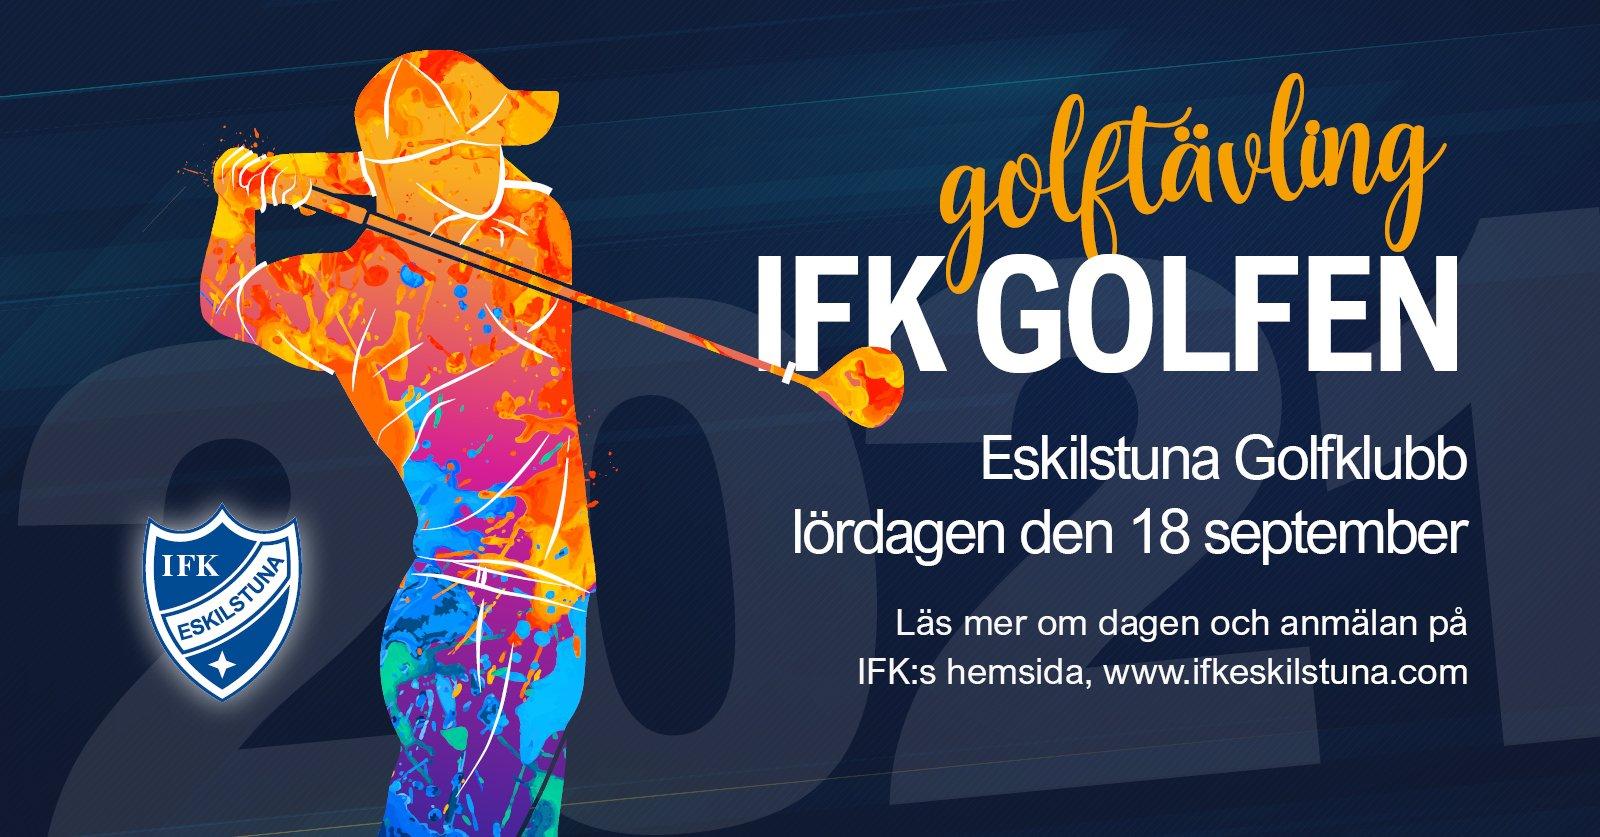 IFK golfen 2021